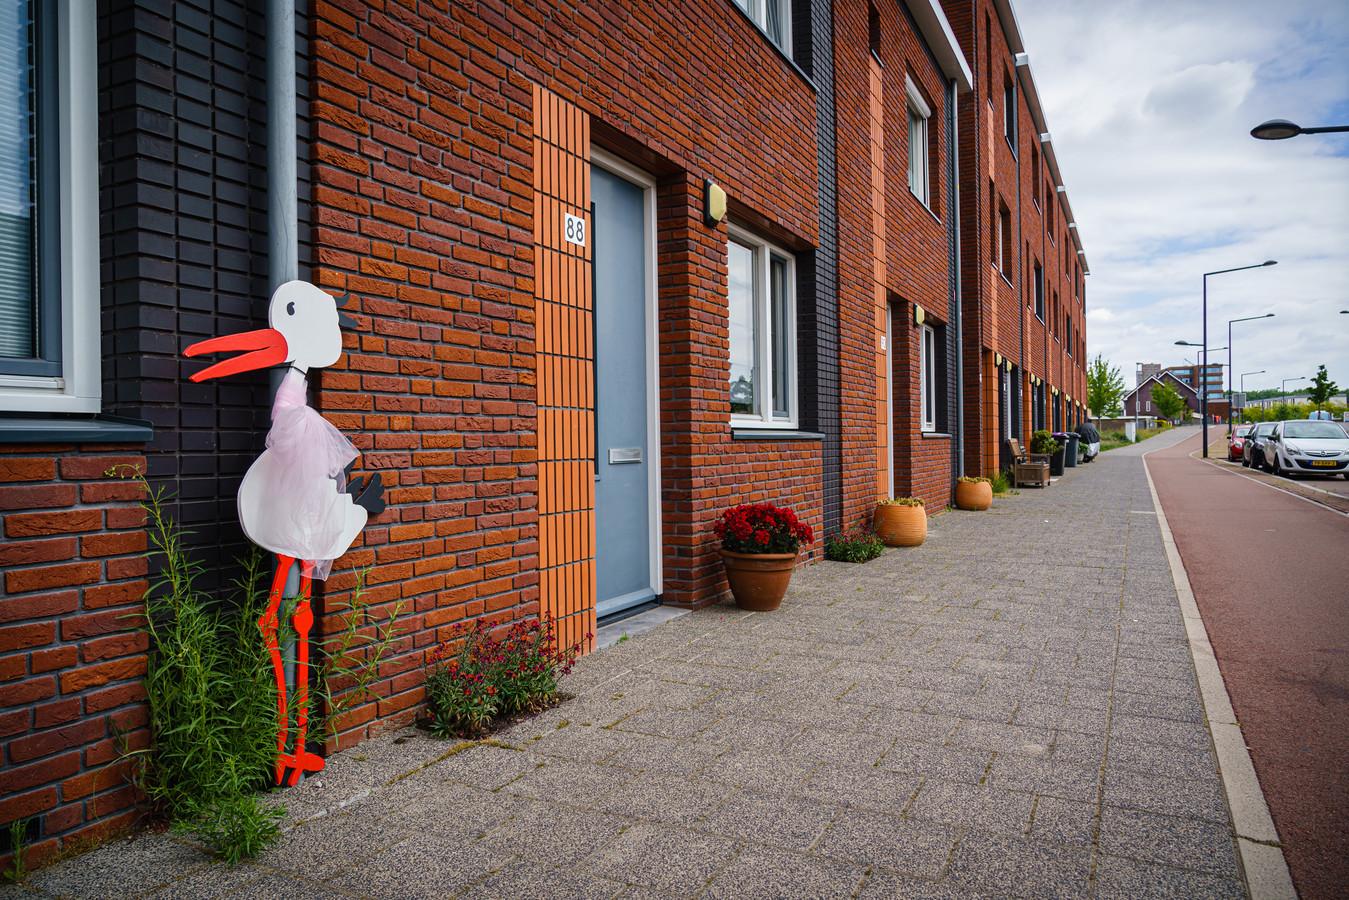 Als er ergens nieuwe huizen worden gebouwd, geven gemeenten die nieuwe adressen door aan Post NL. Bij Els Aarden liep het mis toen ze naar een woning in Bergen op Zoom verhuisde die vroeger als loods werd gebruikt.